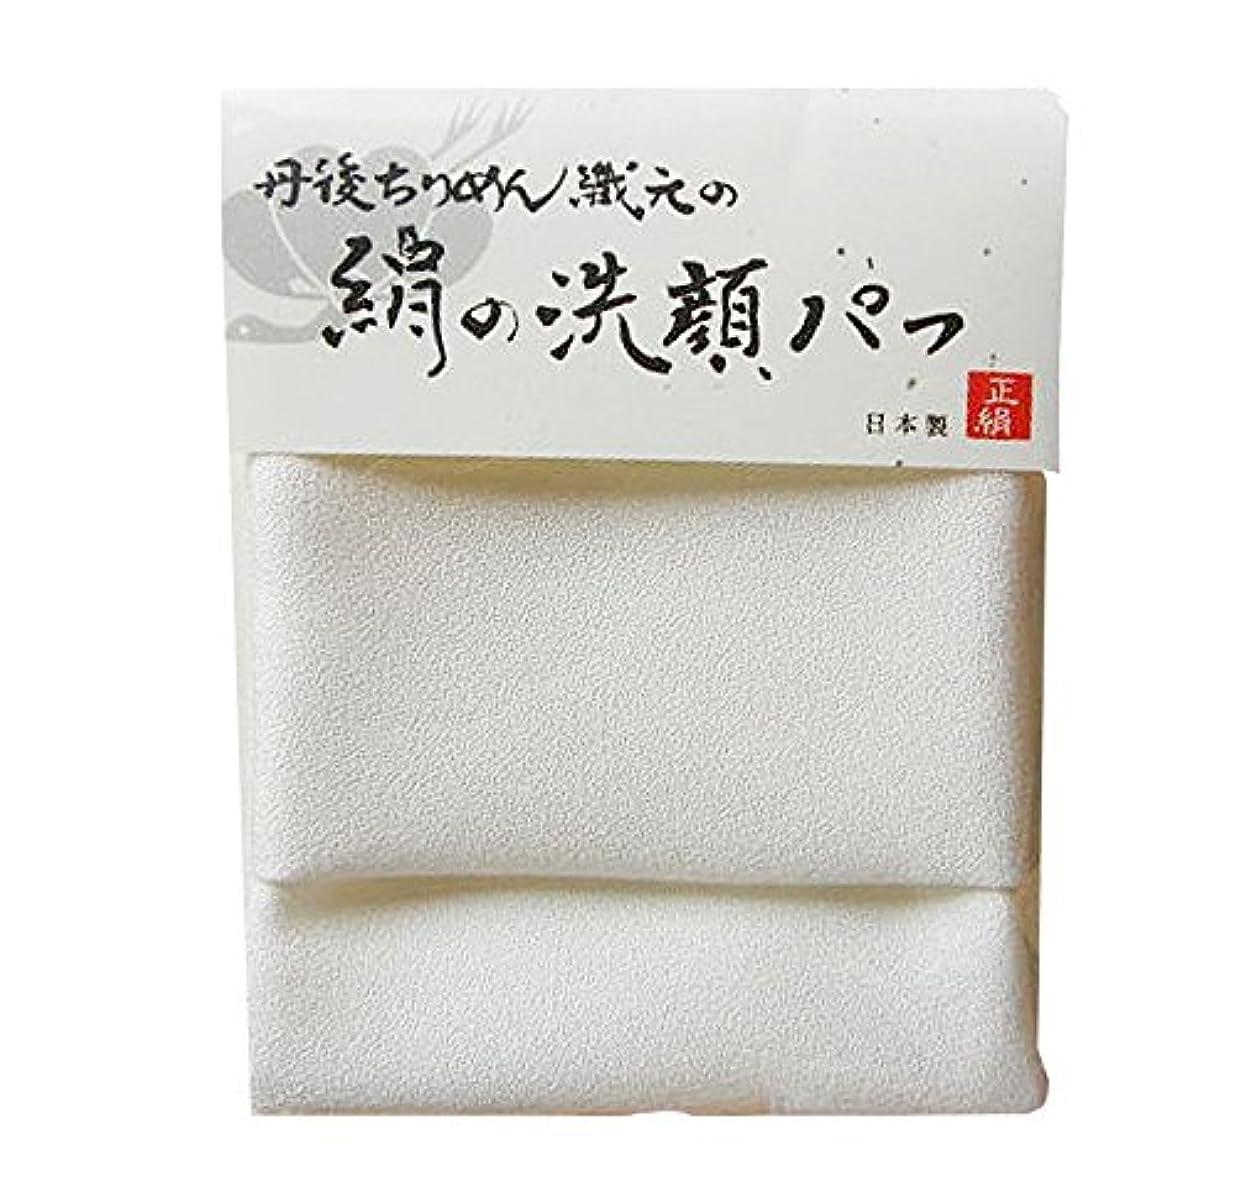 十代成人期精神的に【NHKイッピンで紹介!】丹後ちりめん織元の絹の洗顔パフ